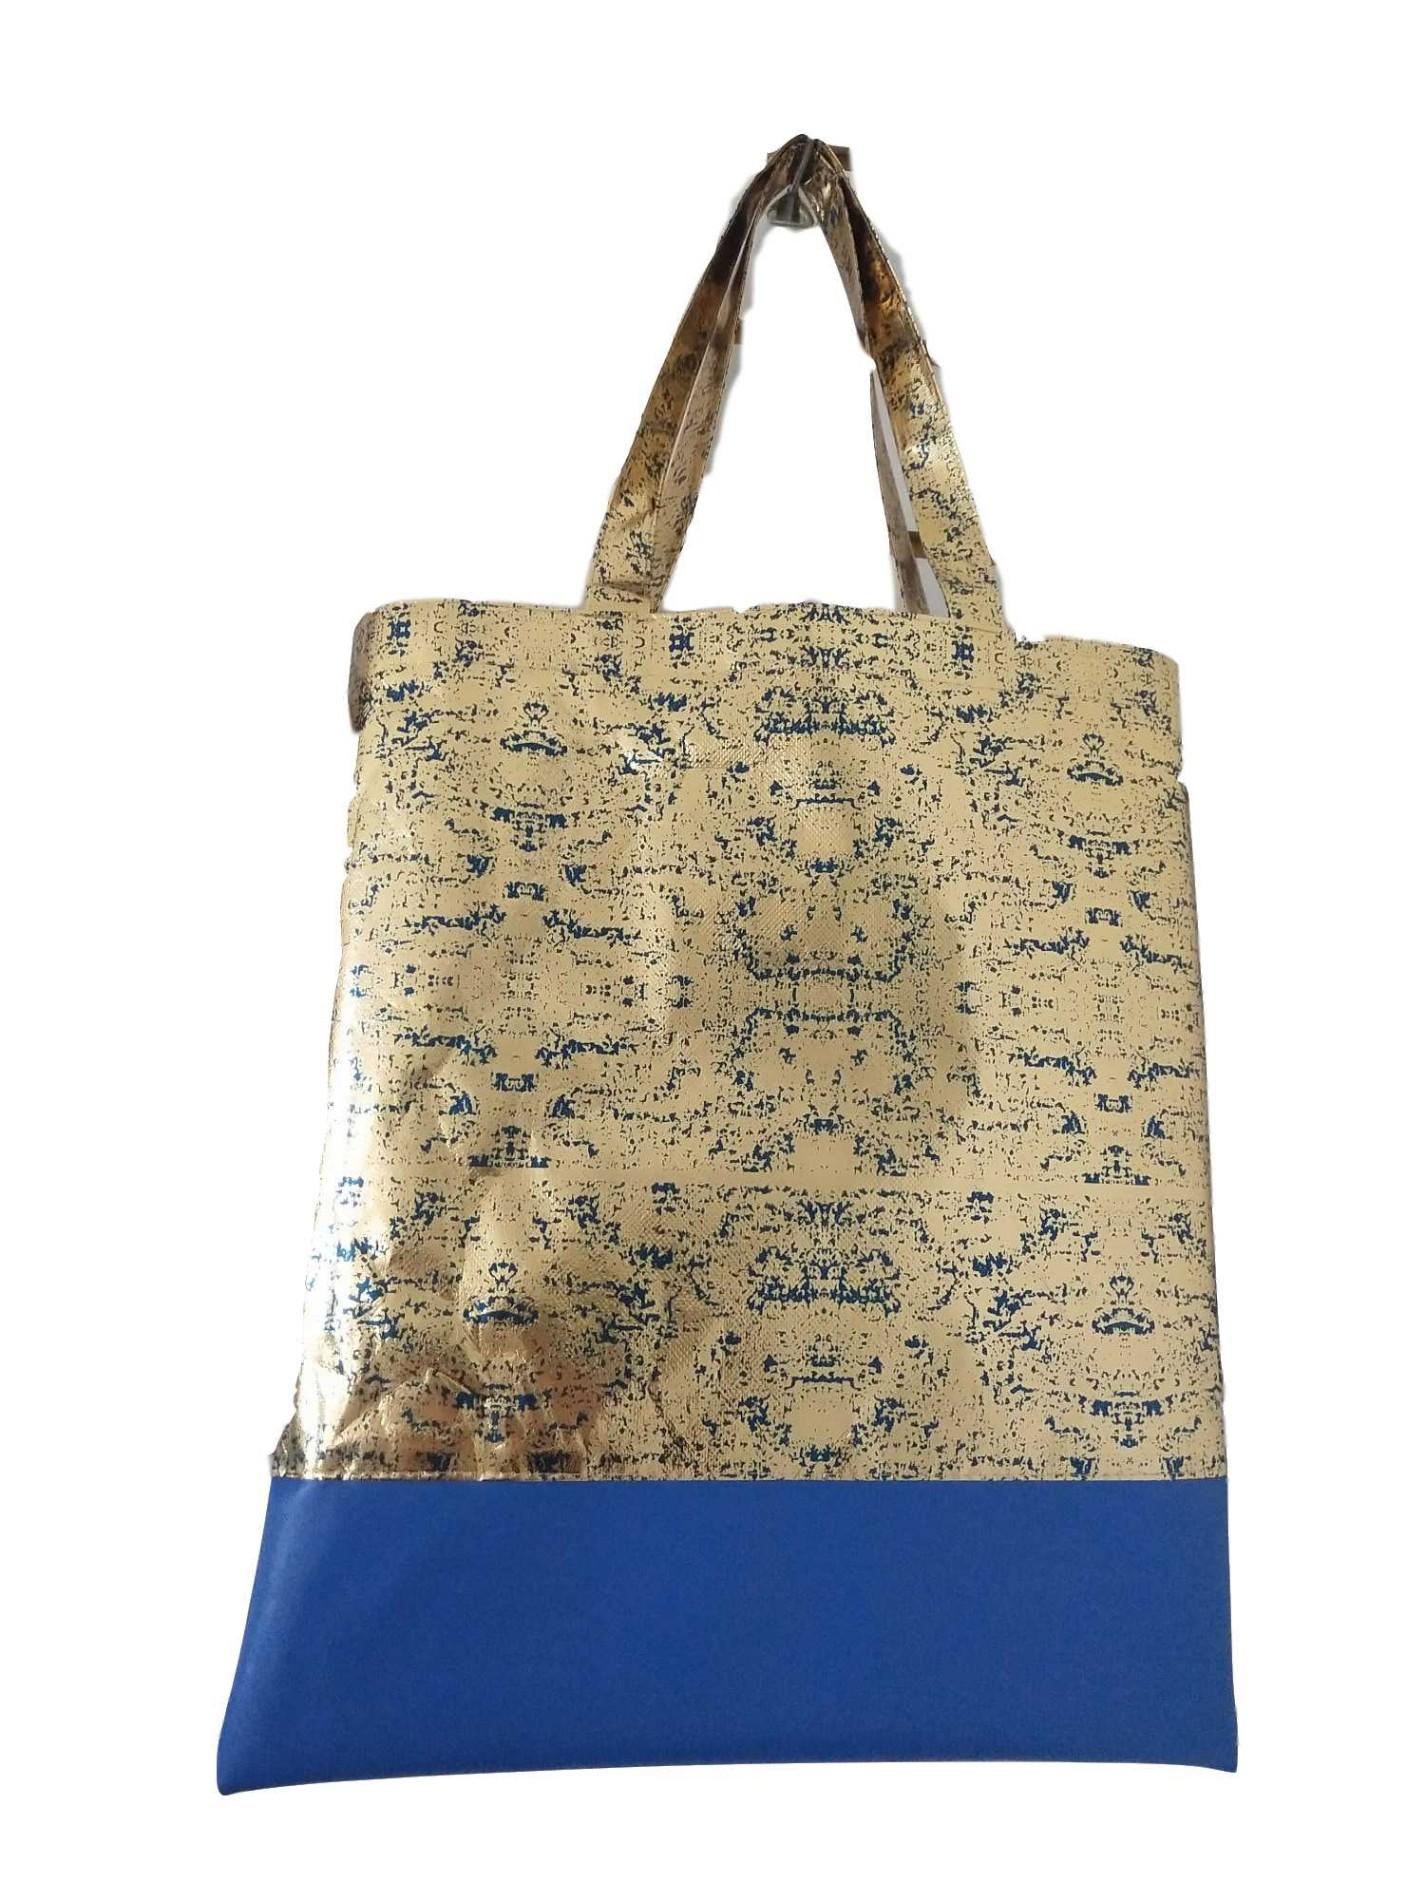 Wholesale Custom Logo Print Shopping Non Woven Bags With Handles, Custom Logo Print Shopping Non Woven Bags With Handles Manufacturers, Custom Logo Print Shopping Non Woven Bags With Handles Producers